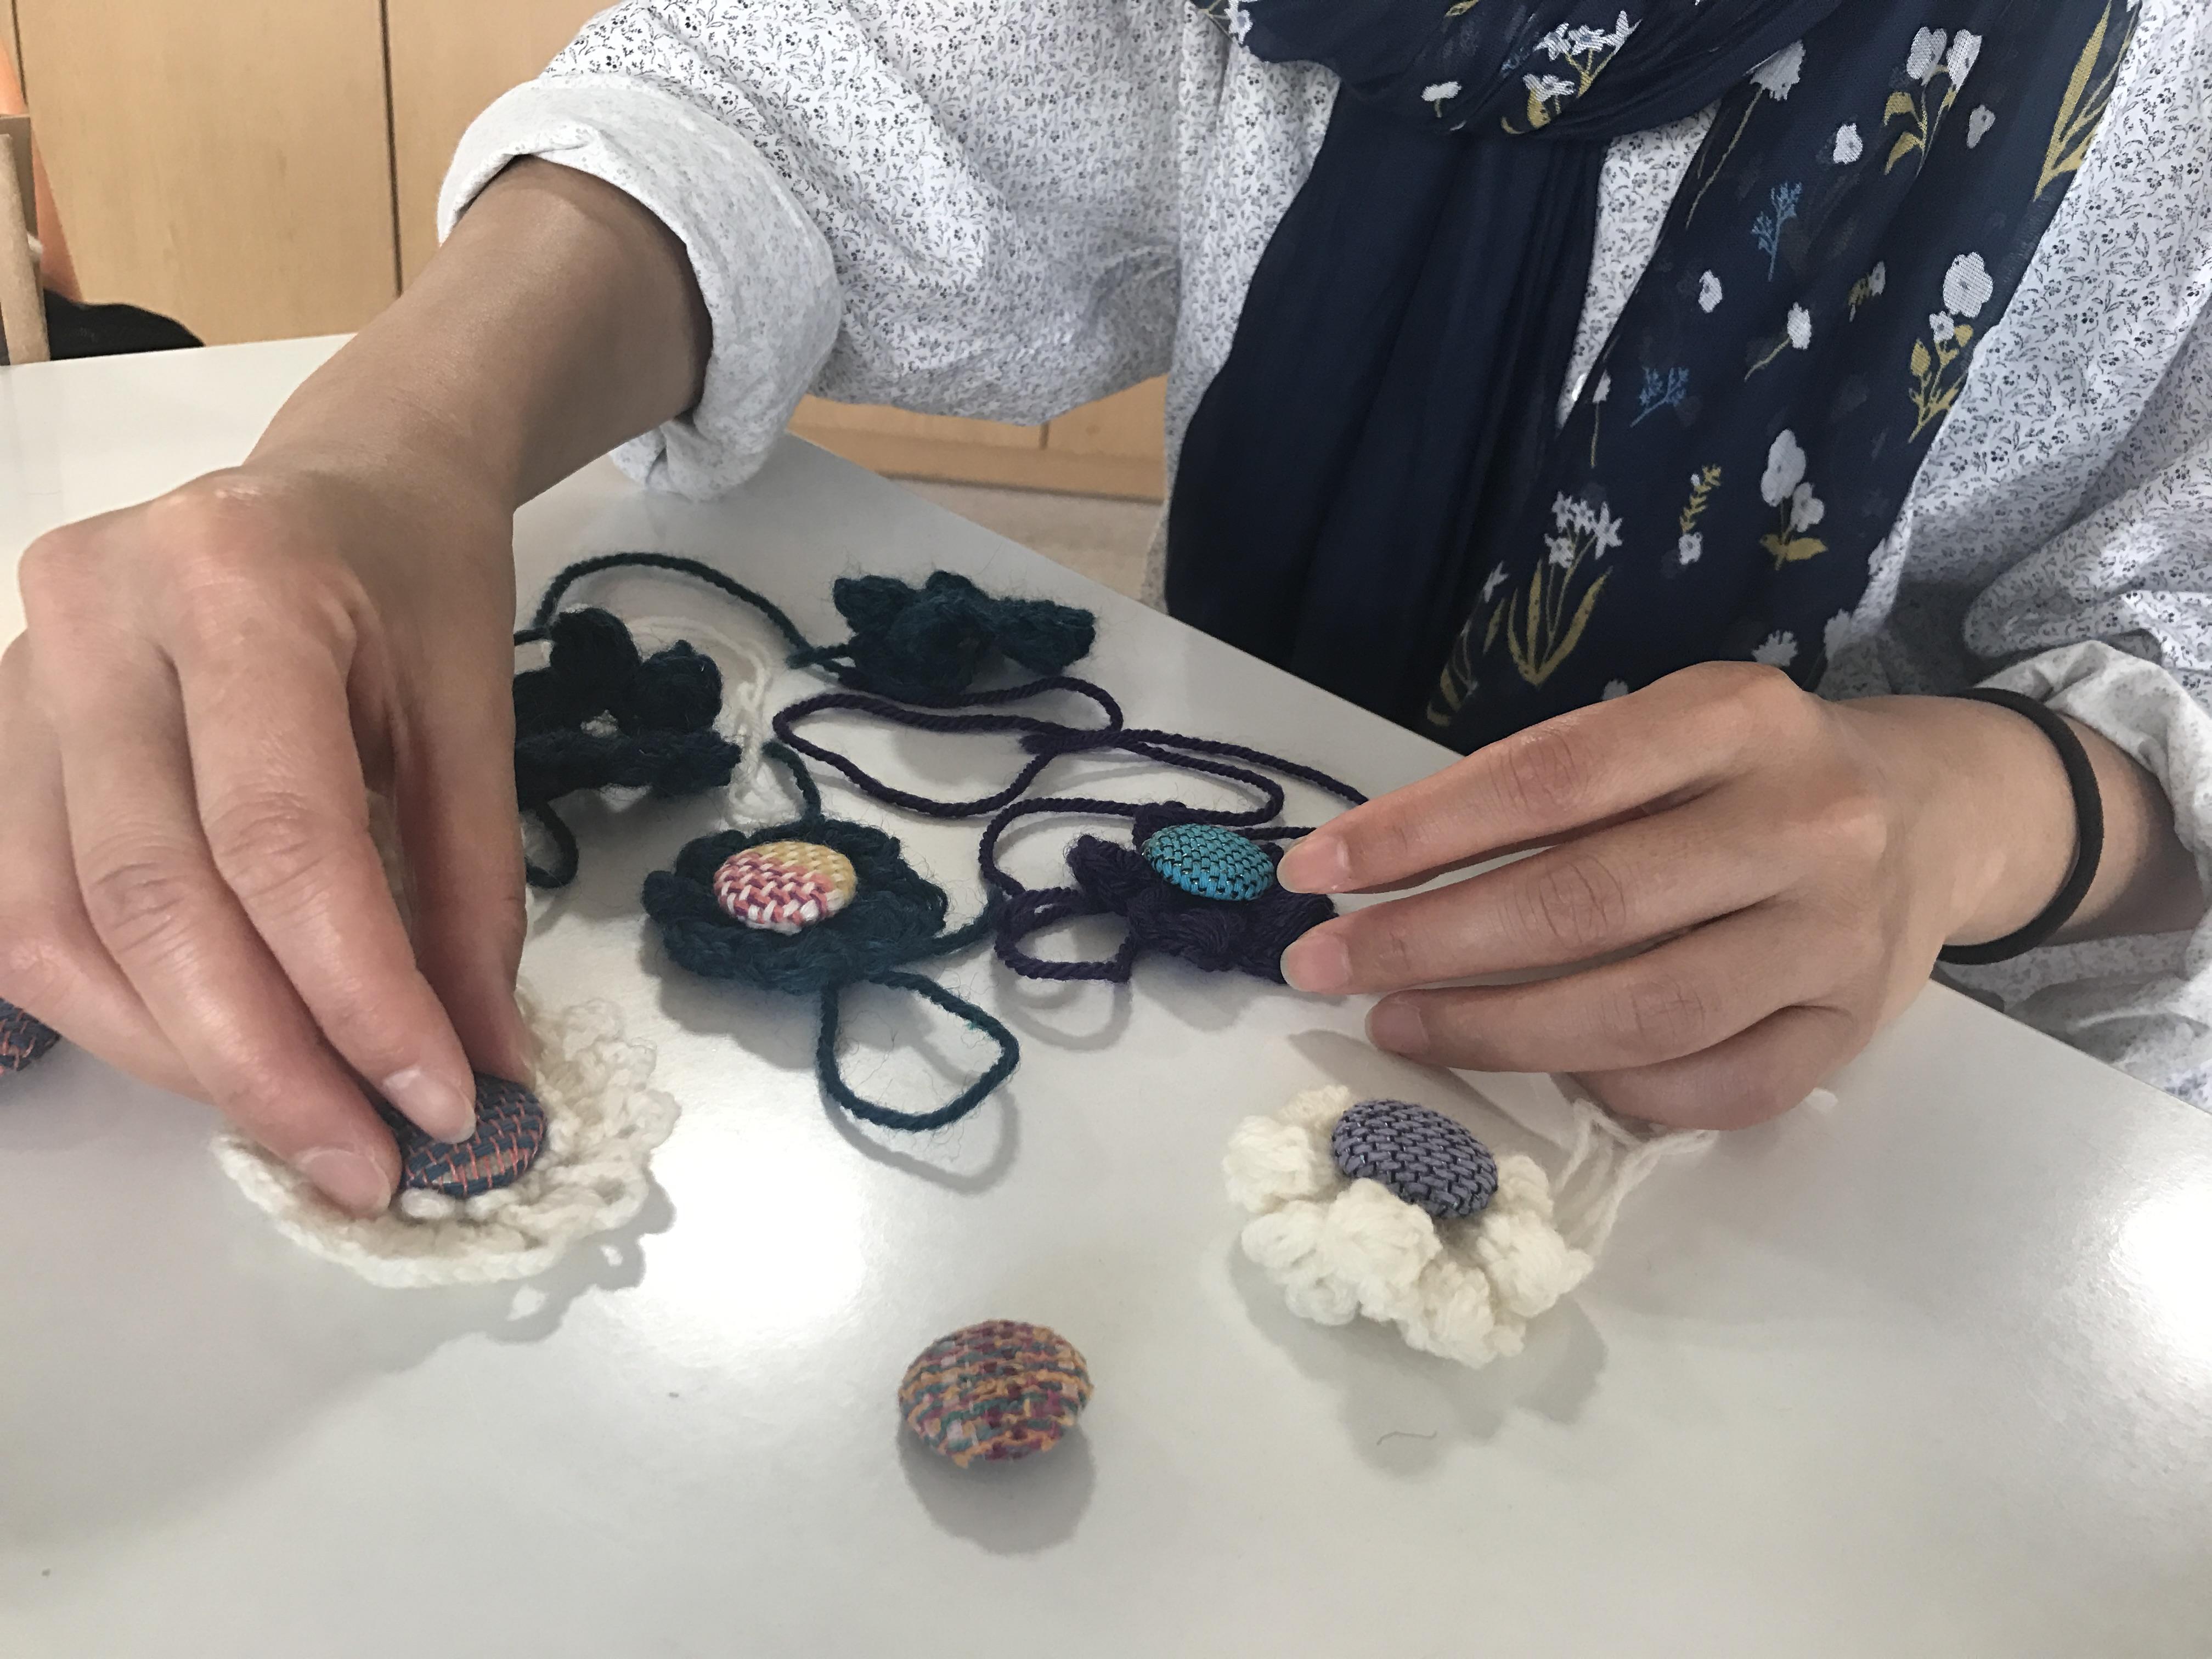 【コラボ商品】作業所のさをり織りを使ってデザイナーさんが作ったシリーズ